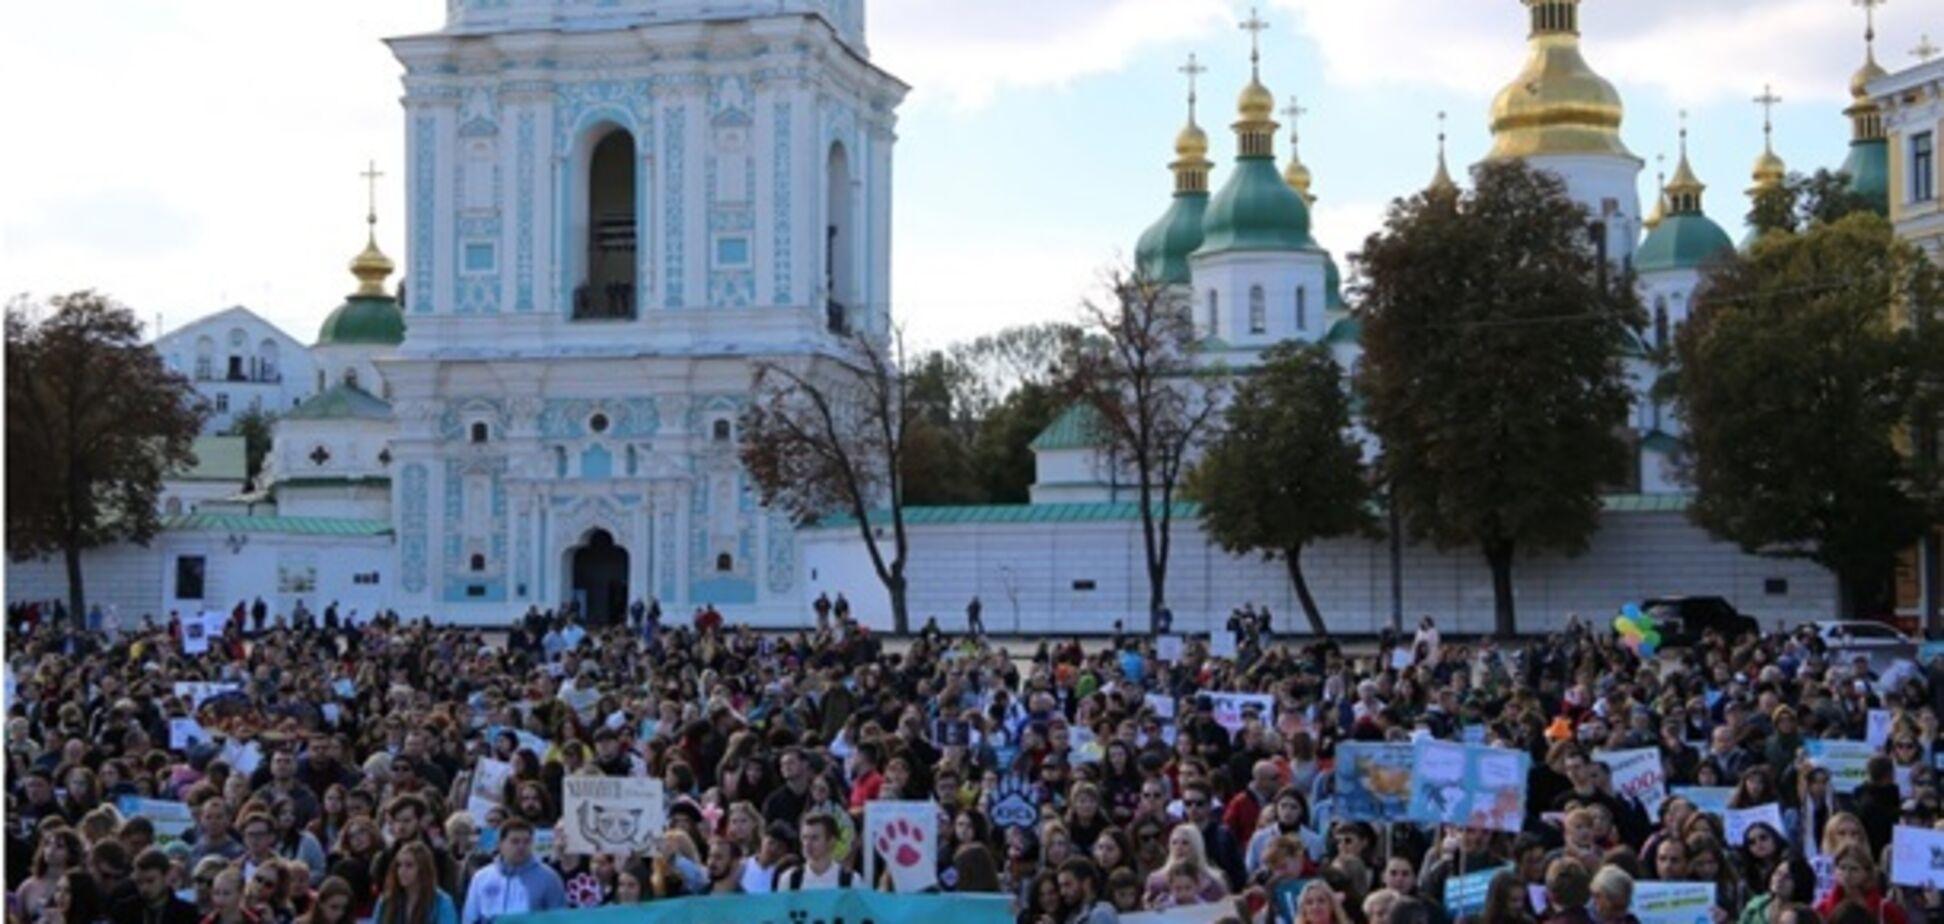 'Я тобі не шуба!' По Києву пройшли маршем тисячі зоозахисників. Фоторепортаж